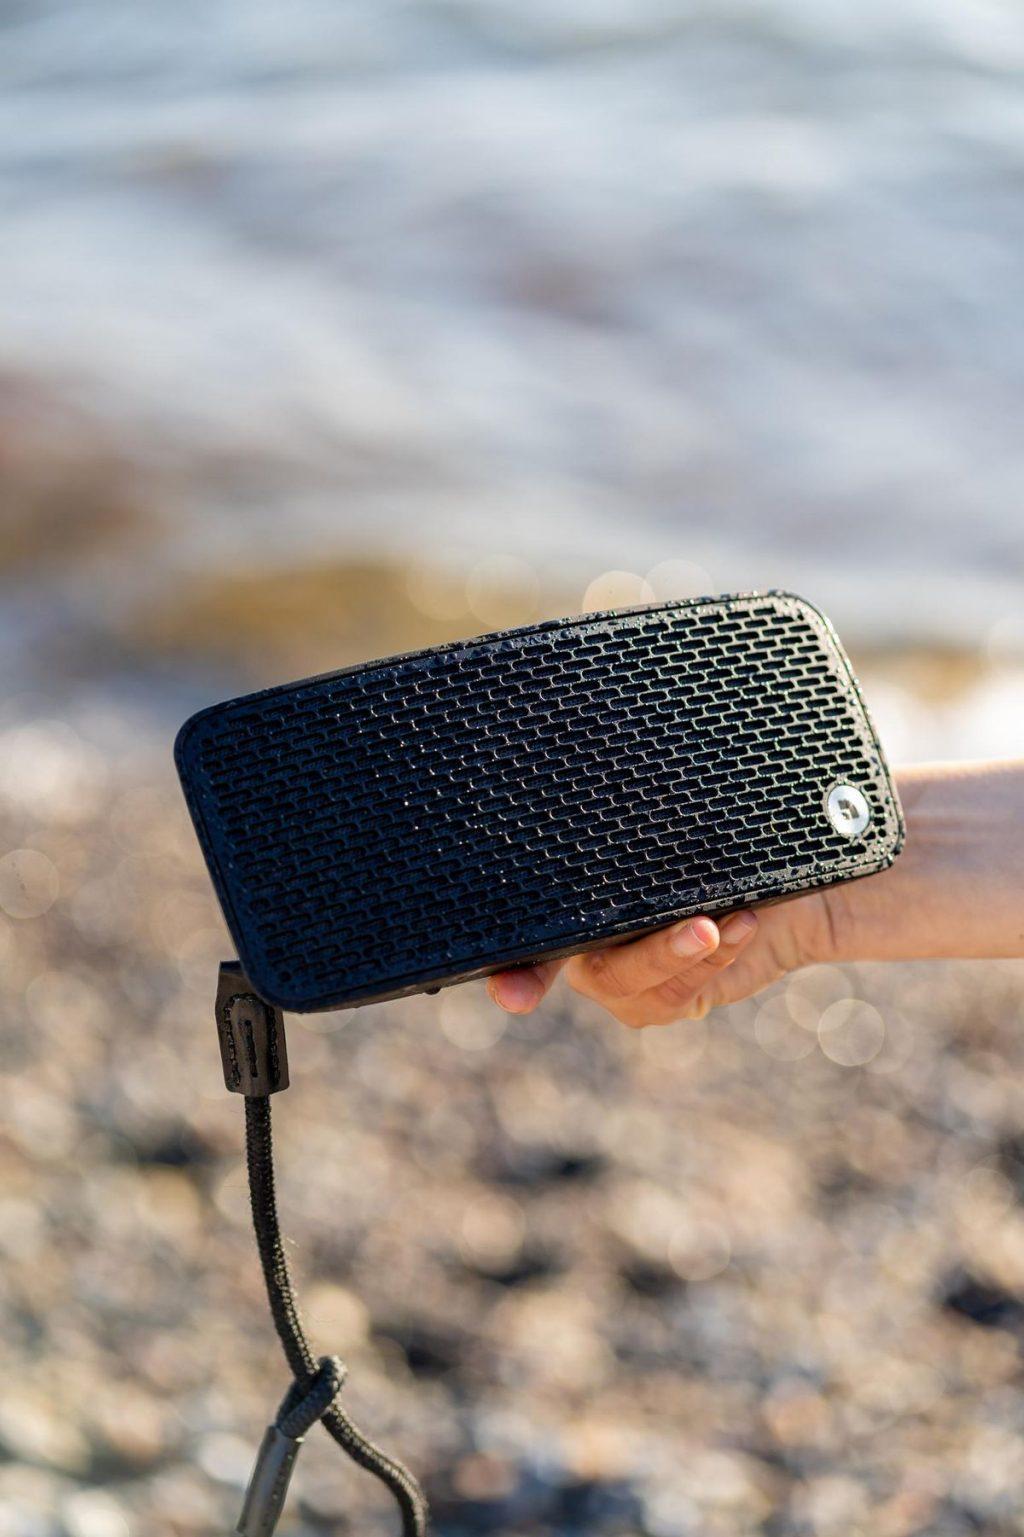 L'azienda svedese Audio Pro ha lanciato il suo altoparlante portatile più piccolo e leggero di sempre